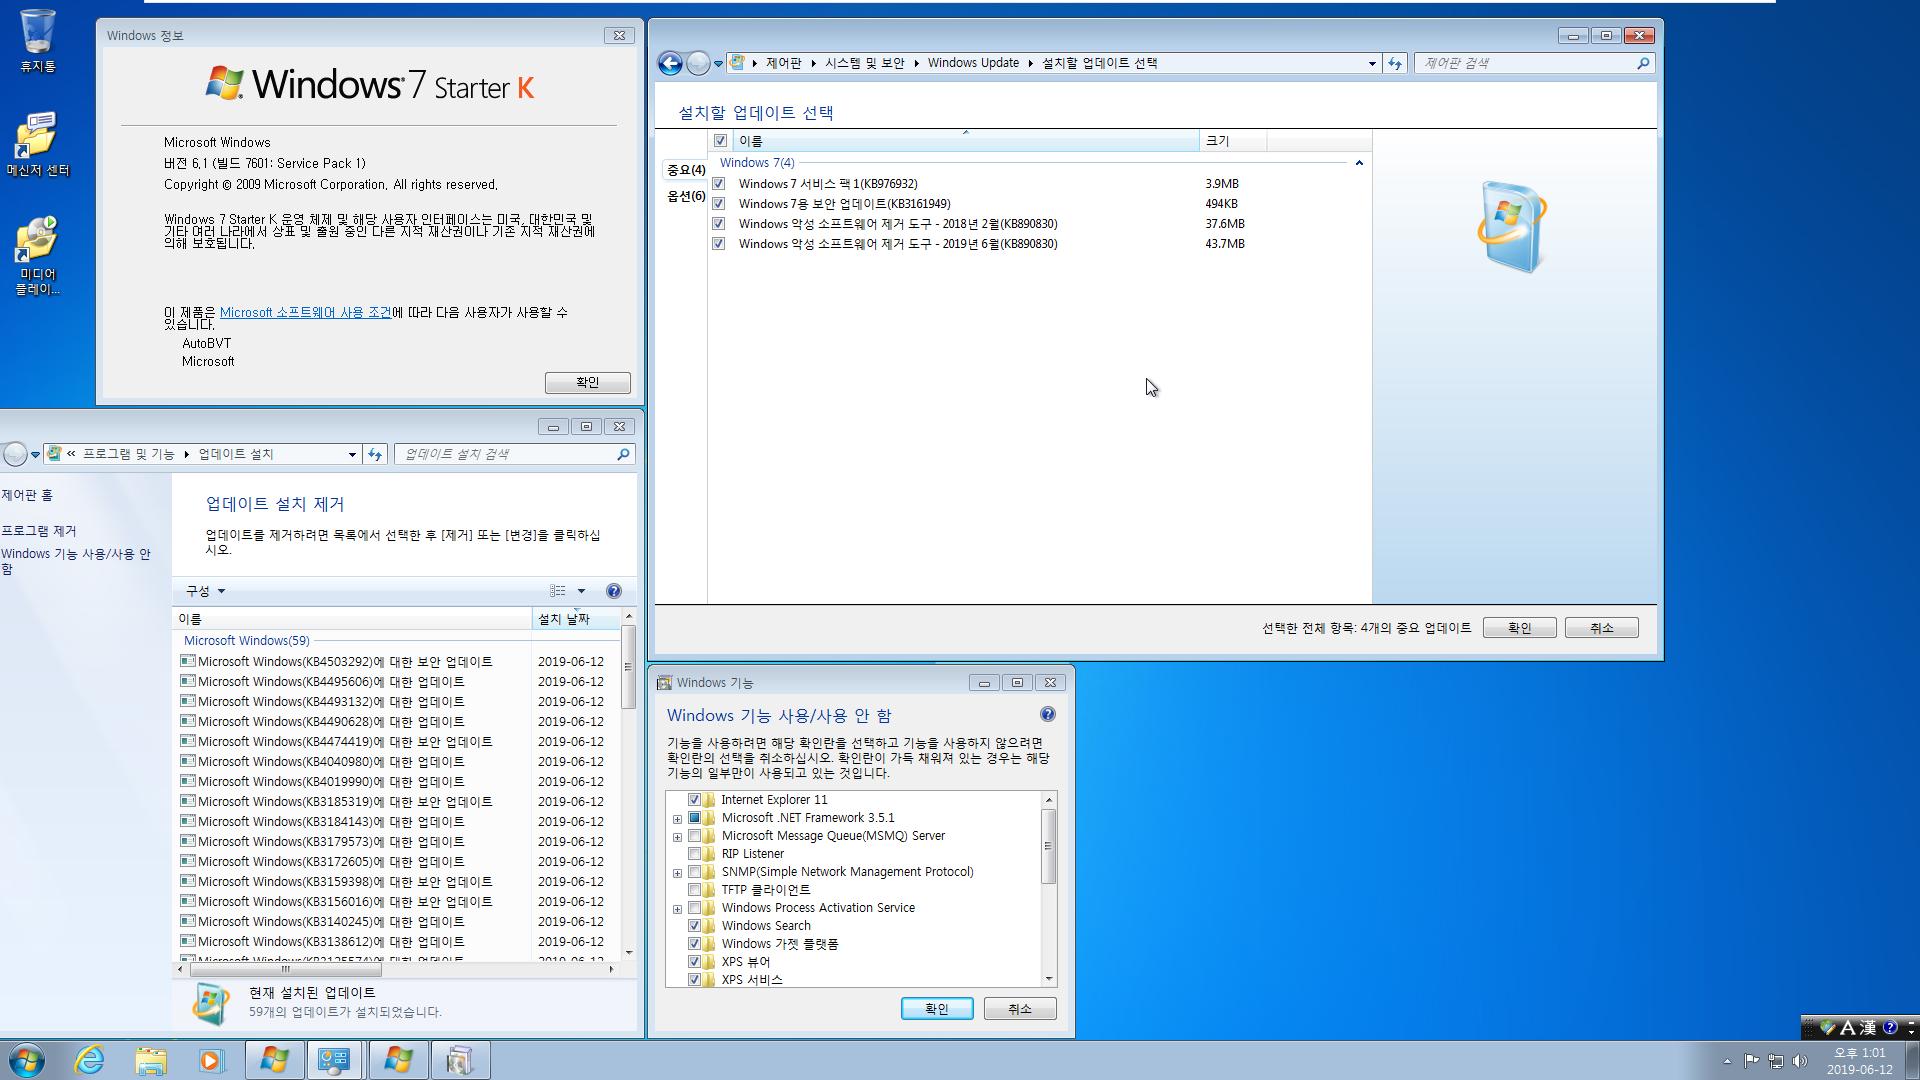 2019년 6월 12일 정기 업데이트 나왔네요 - Windows 7 롤업 업데이트 KB4503292 (OS 빌드 7601.24468) [2019-06-11 일자] IE11 통합중 입니다 2019-06-12_130156.png